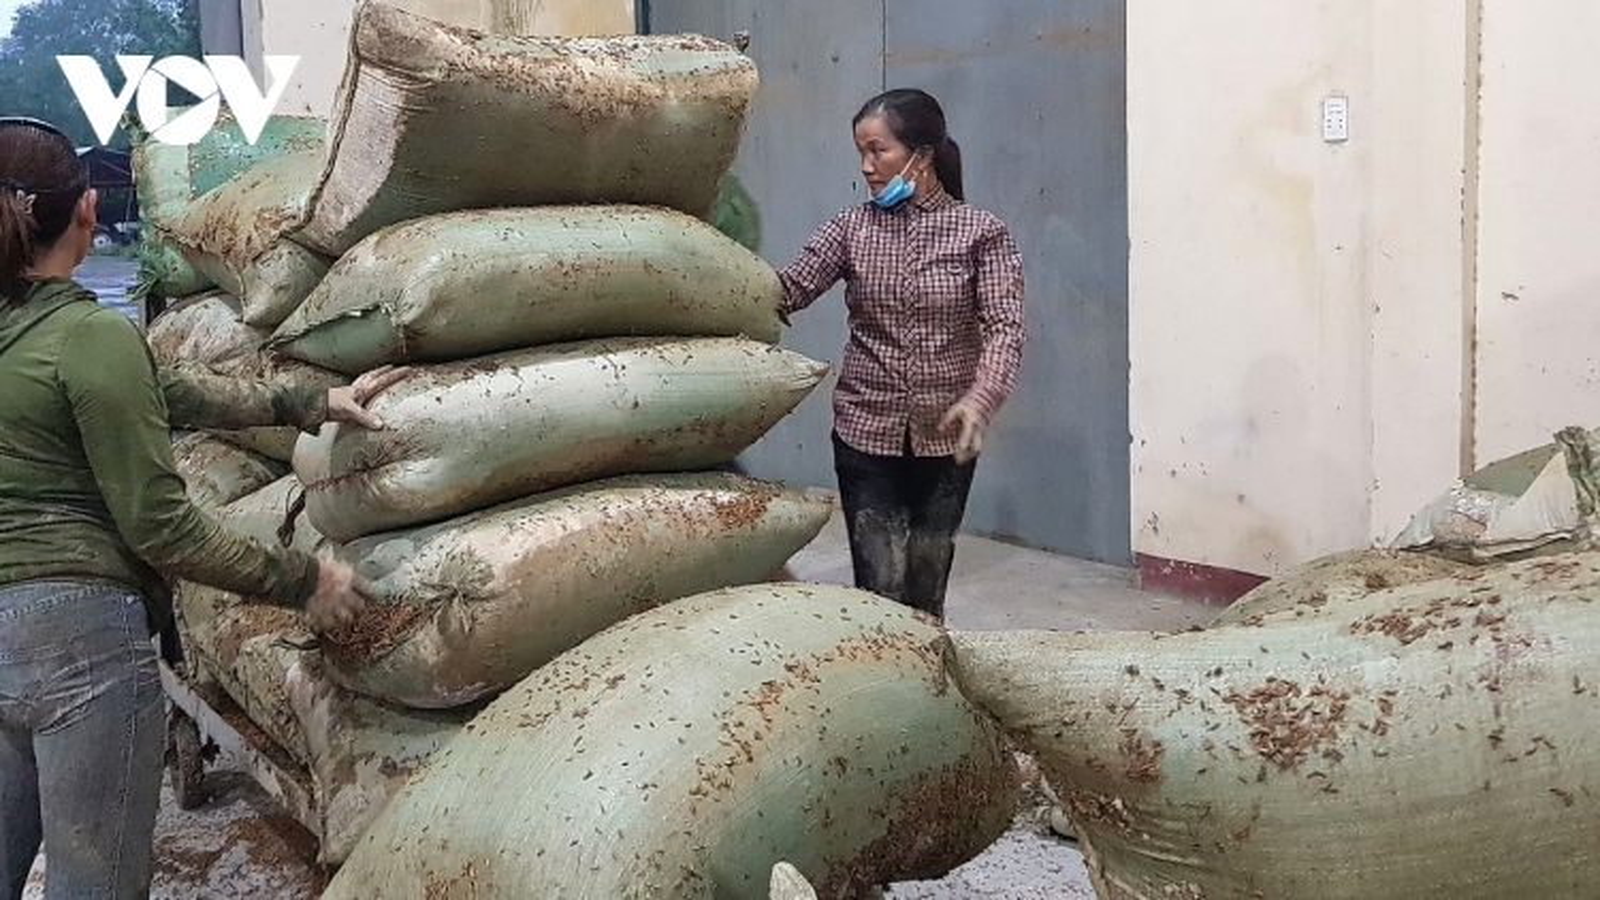 Lúa ngâm nước nảy mầm, người dân vùng lũ nơm nớp lo thiếu đói